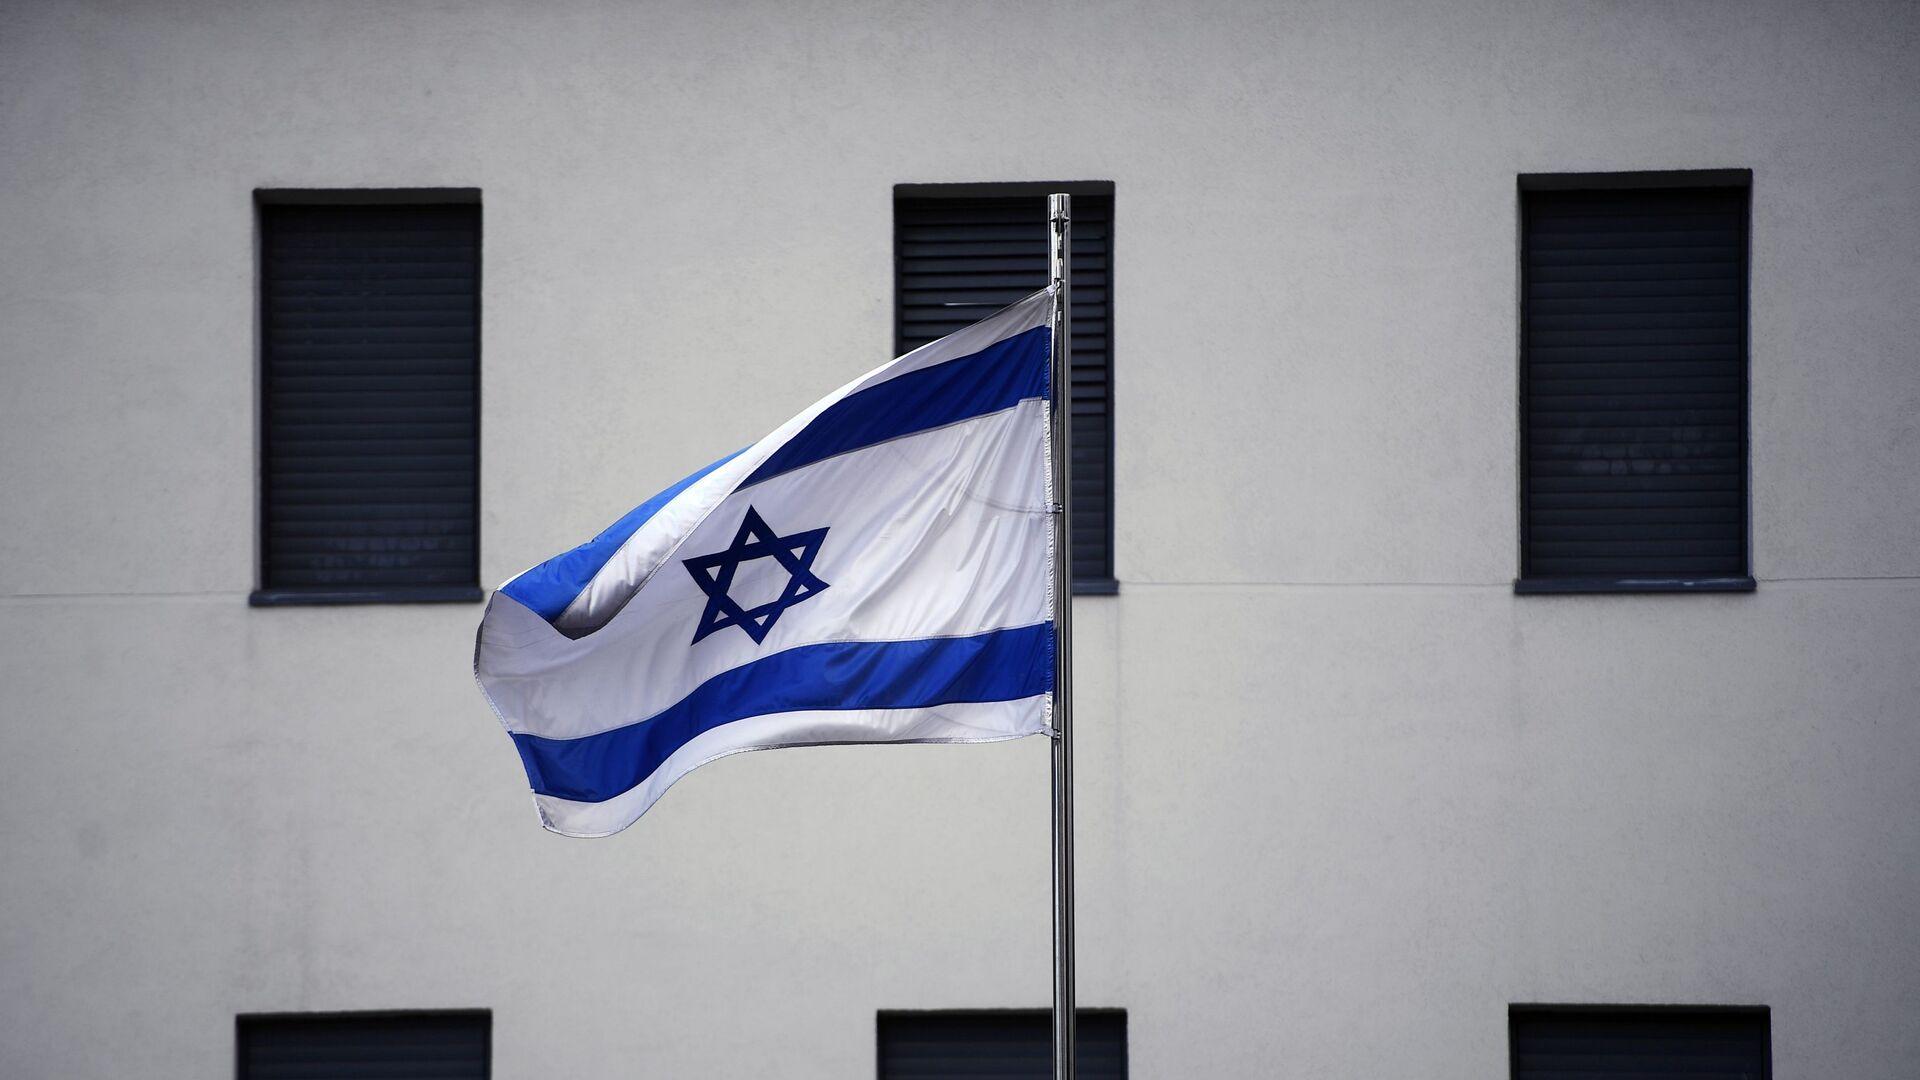 Flaga na budynku ambasady Izraela w Moskwie  - Sputnik Polska, 1920, 15.08.2021